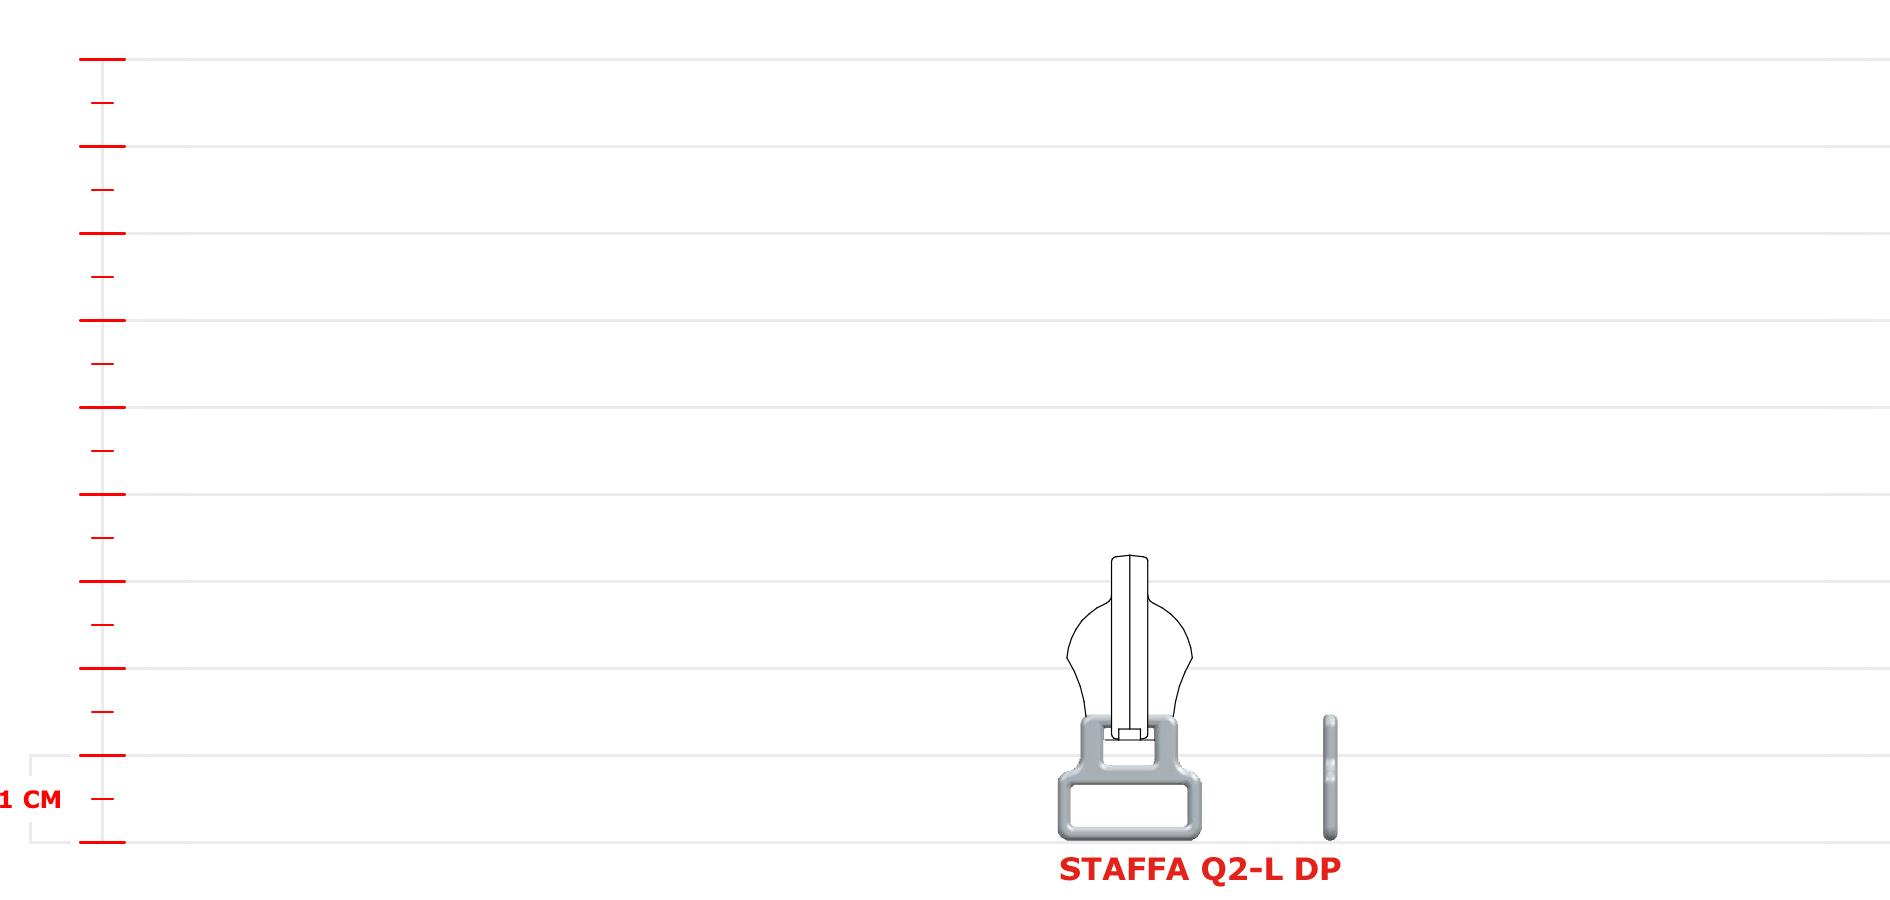 staffa-q2-dp